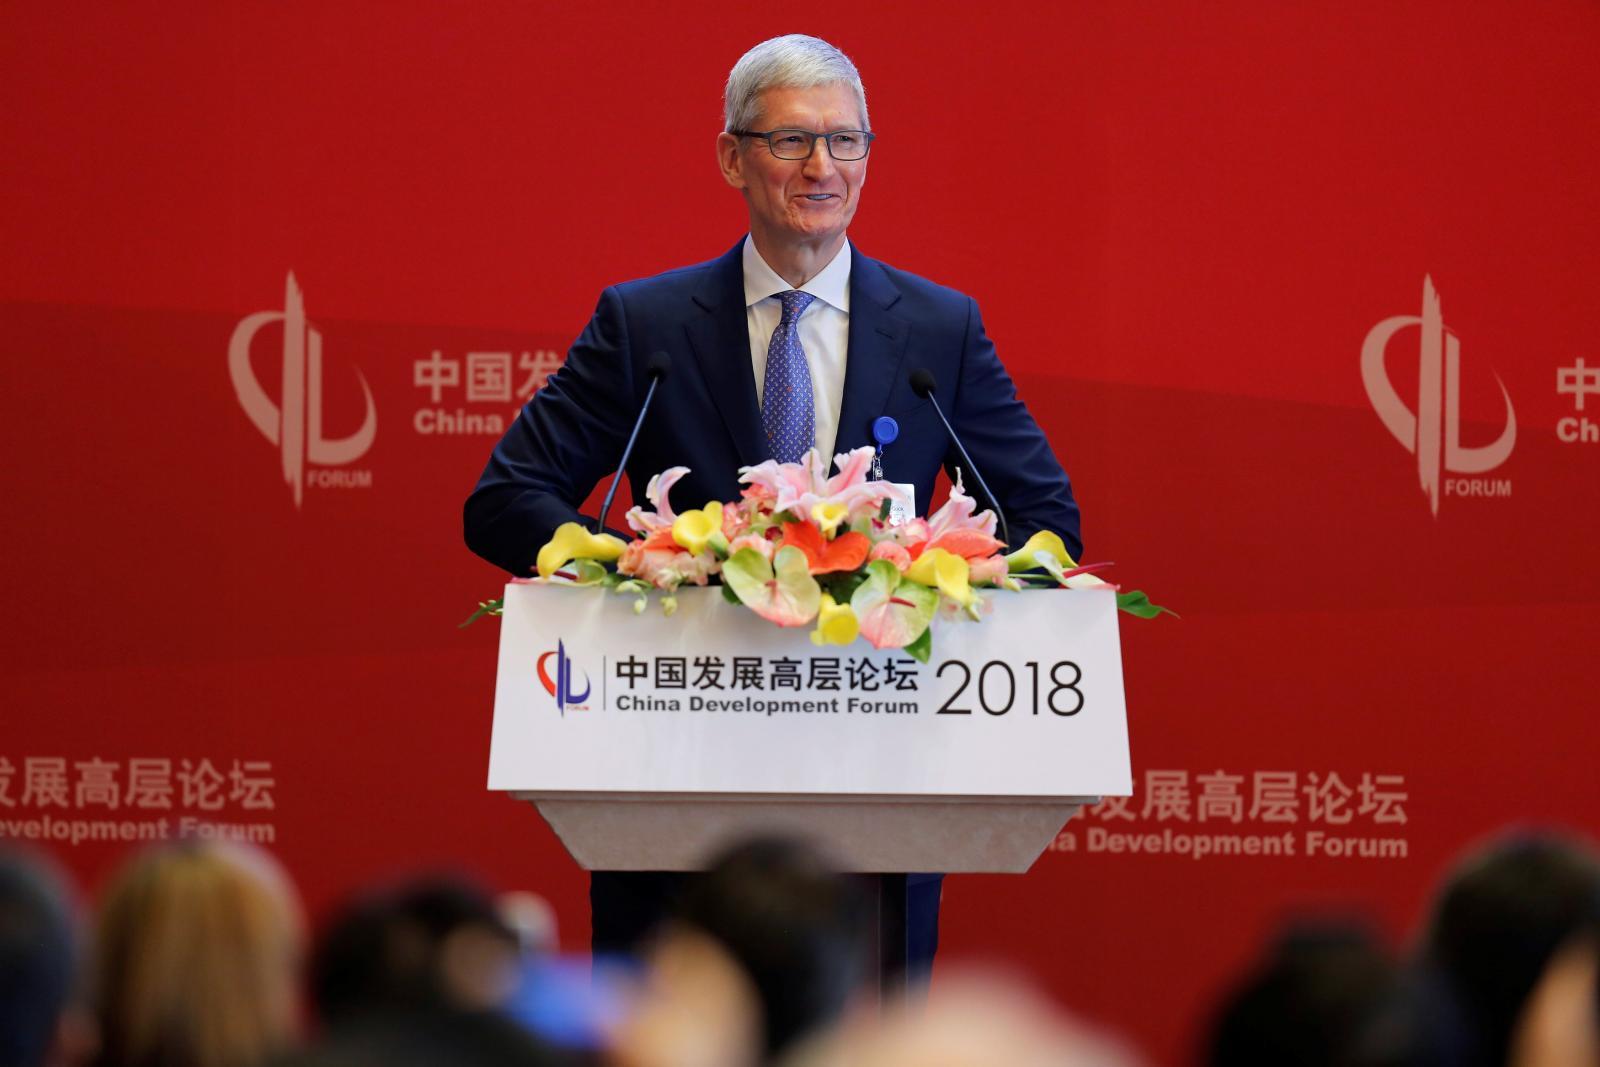 Tim Cook participando do Fórum de Desenvolvimento da China (2018)